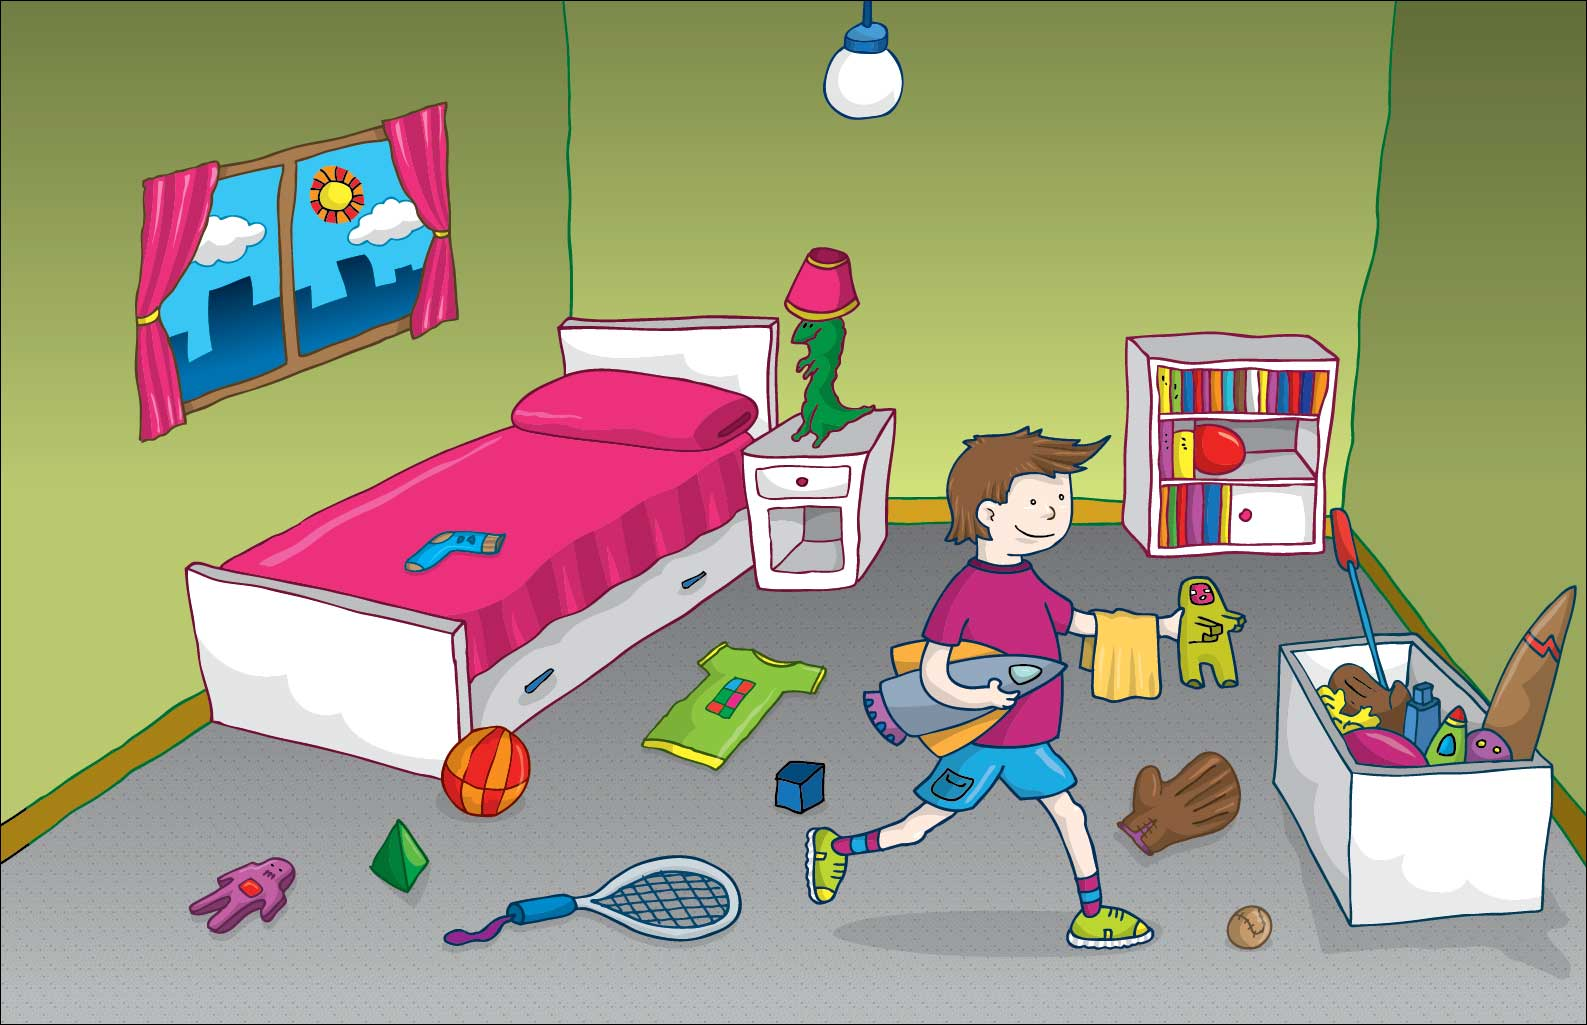 habitacion ordenada dibujo